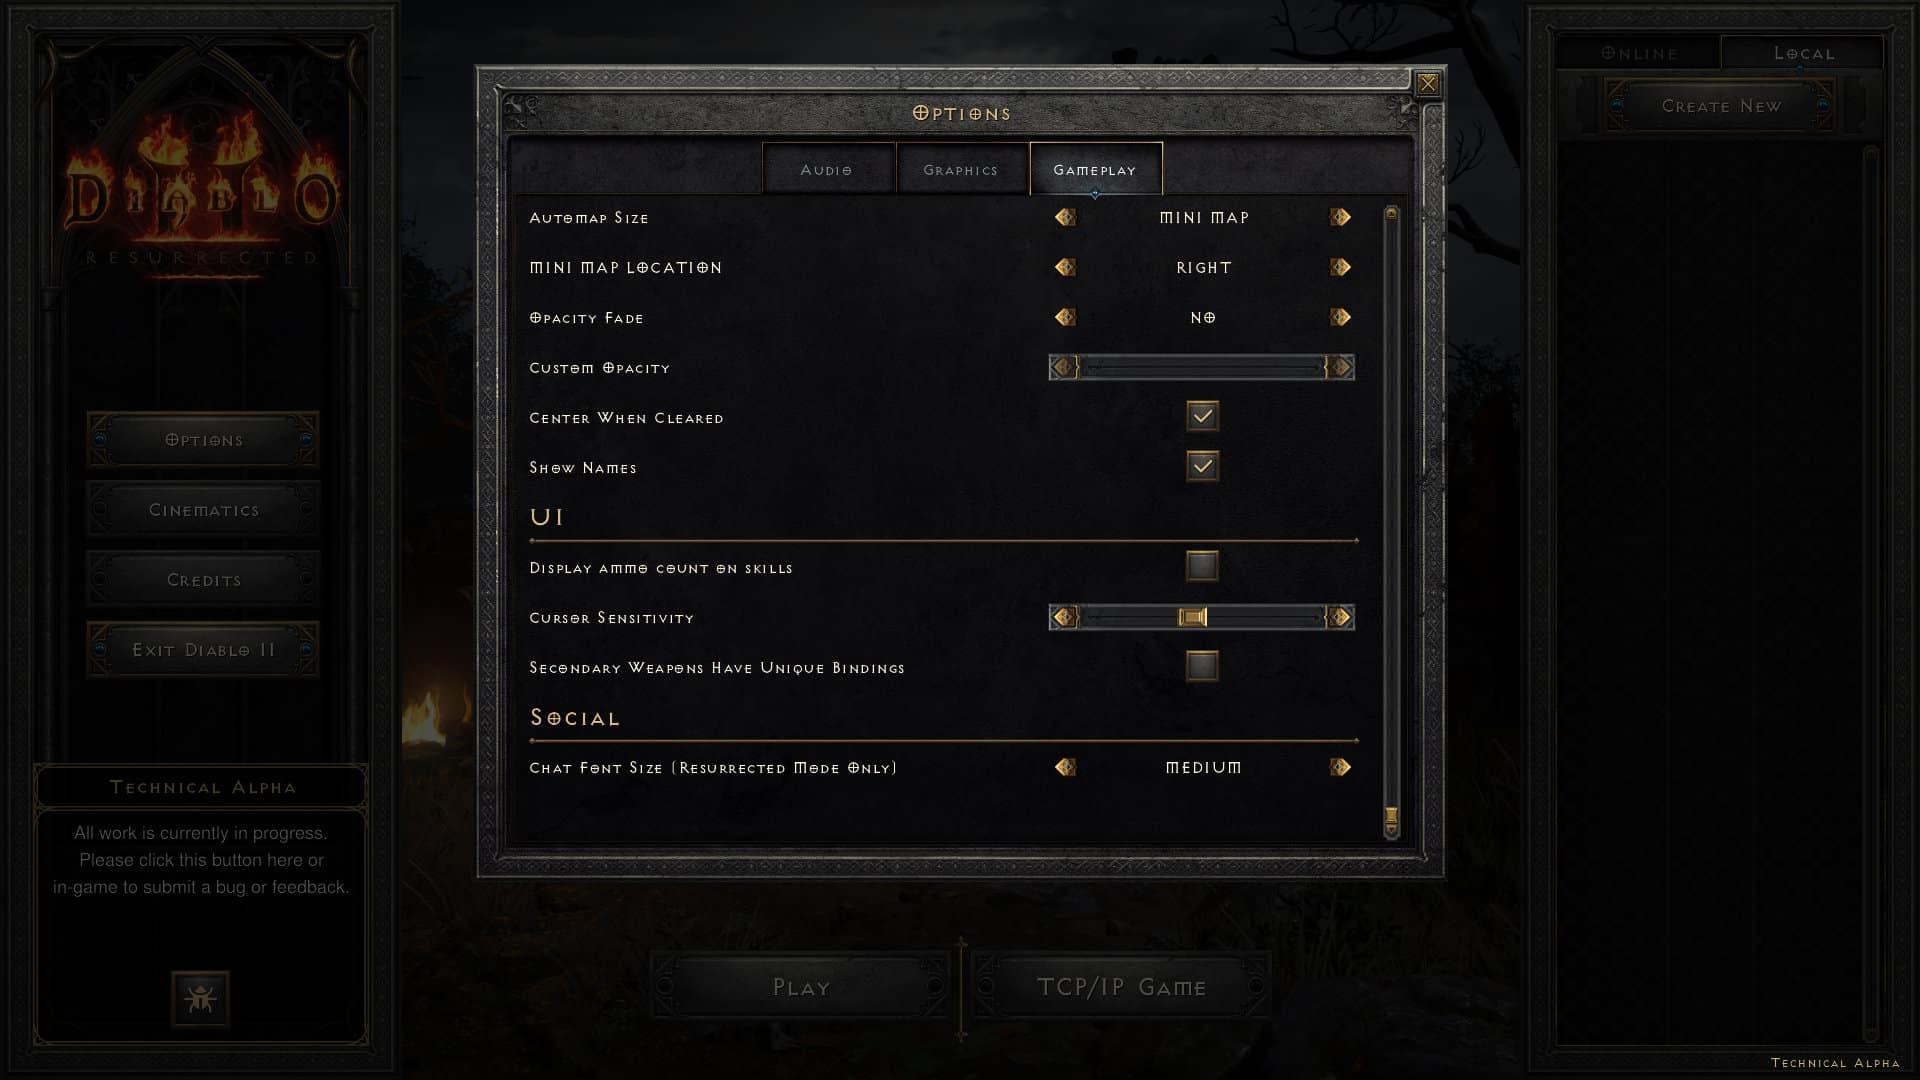 Diablo 2: Resurrected - Impostazioni di gioco